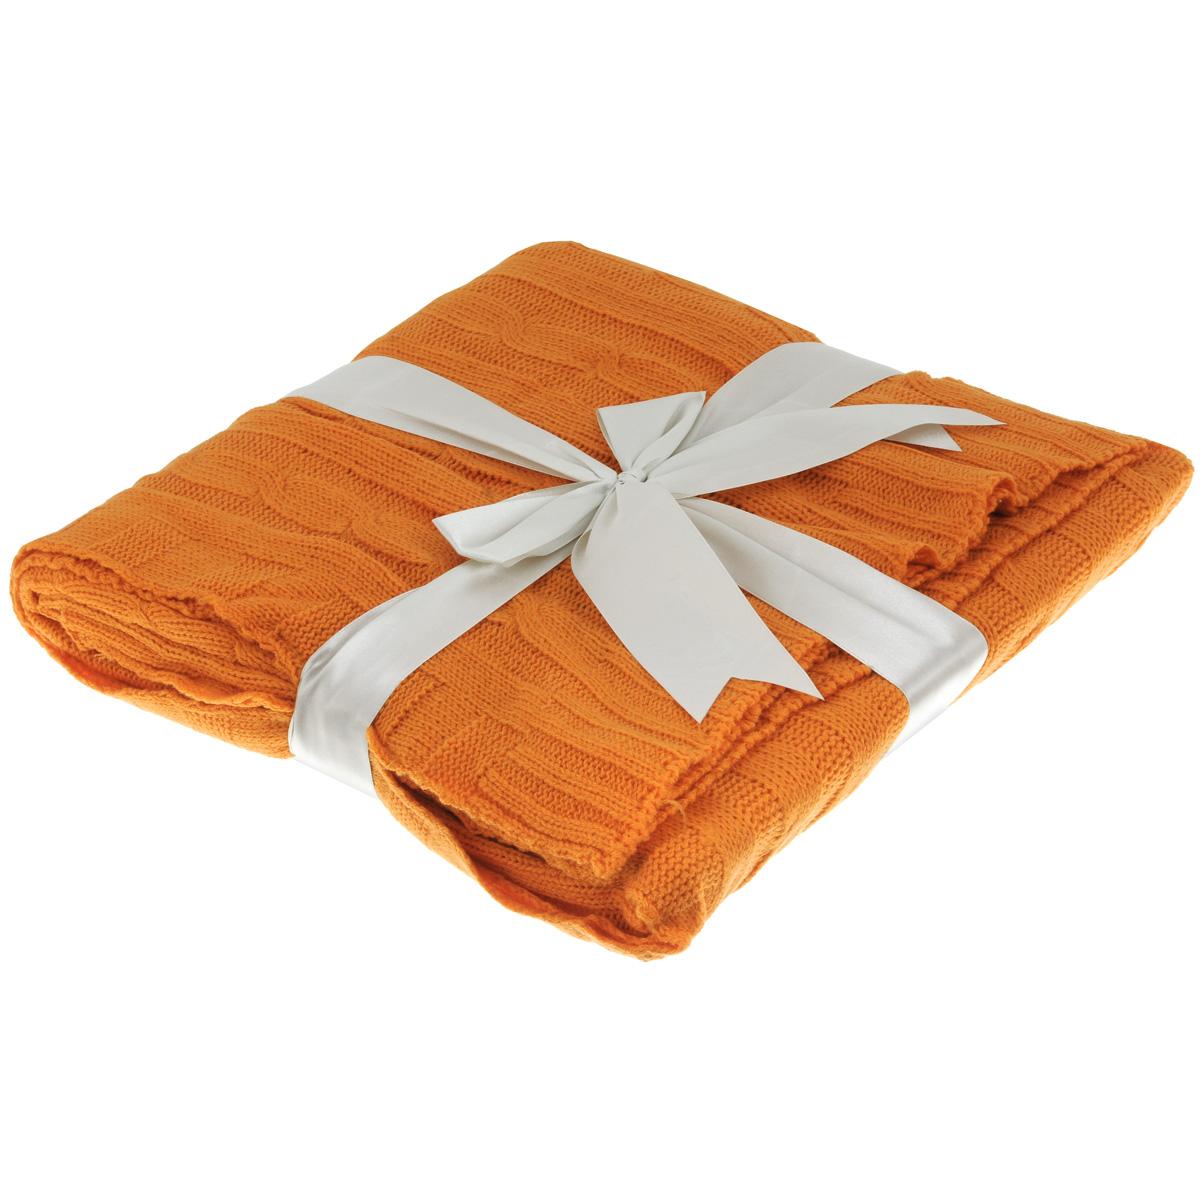 Плед Mona Liza Classic Monet, цвет: оранжевый, 140 х 180 смWUB 5647 weisОригинальный вязаный плед Mona Liza Classic Monet послужит теплым, мягким и практичным подарком близким людям. Плед изготовлен из высококачественного 100% акрила.Яркий и приятный на ощупь плед Mona Liza Classic Monet станет отличным дополнением в вашем интерьере.